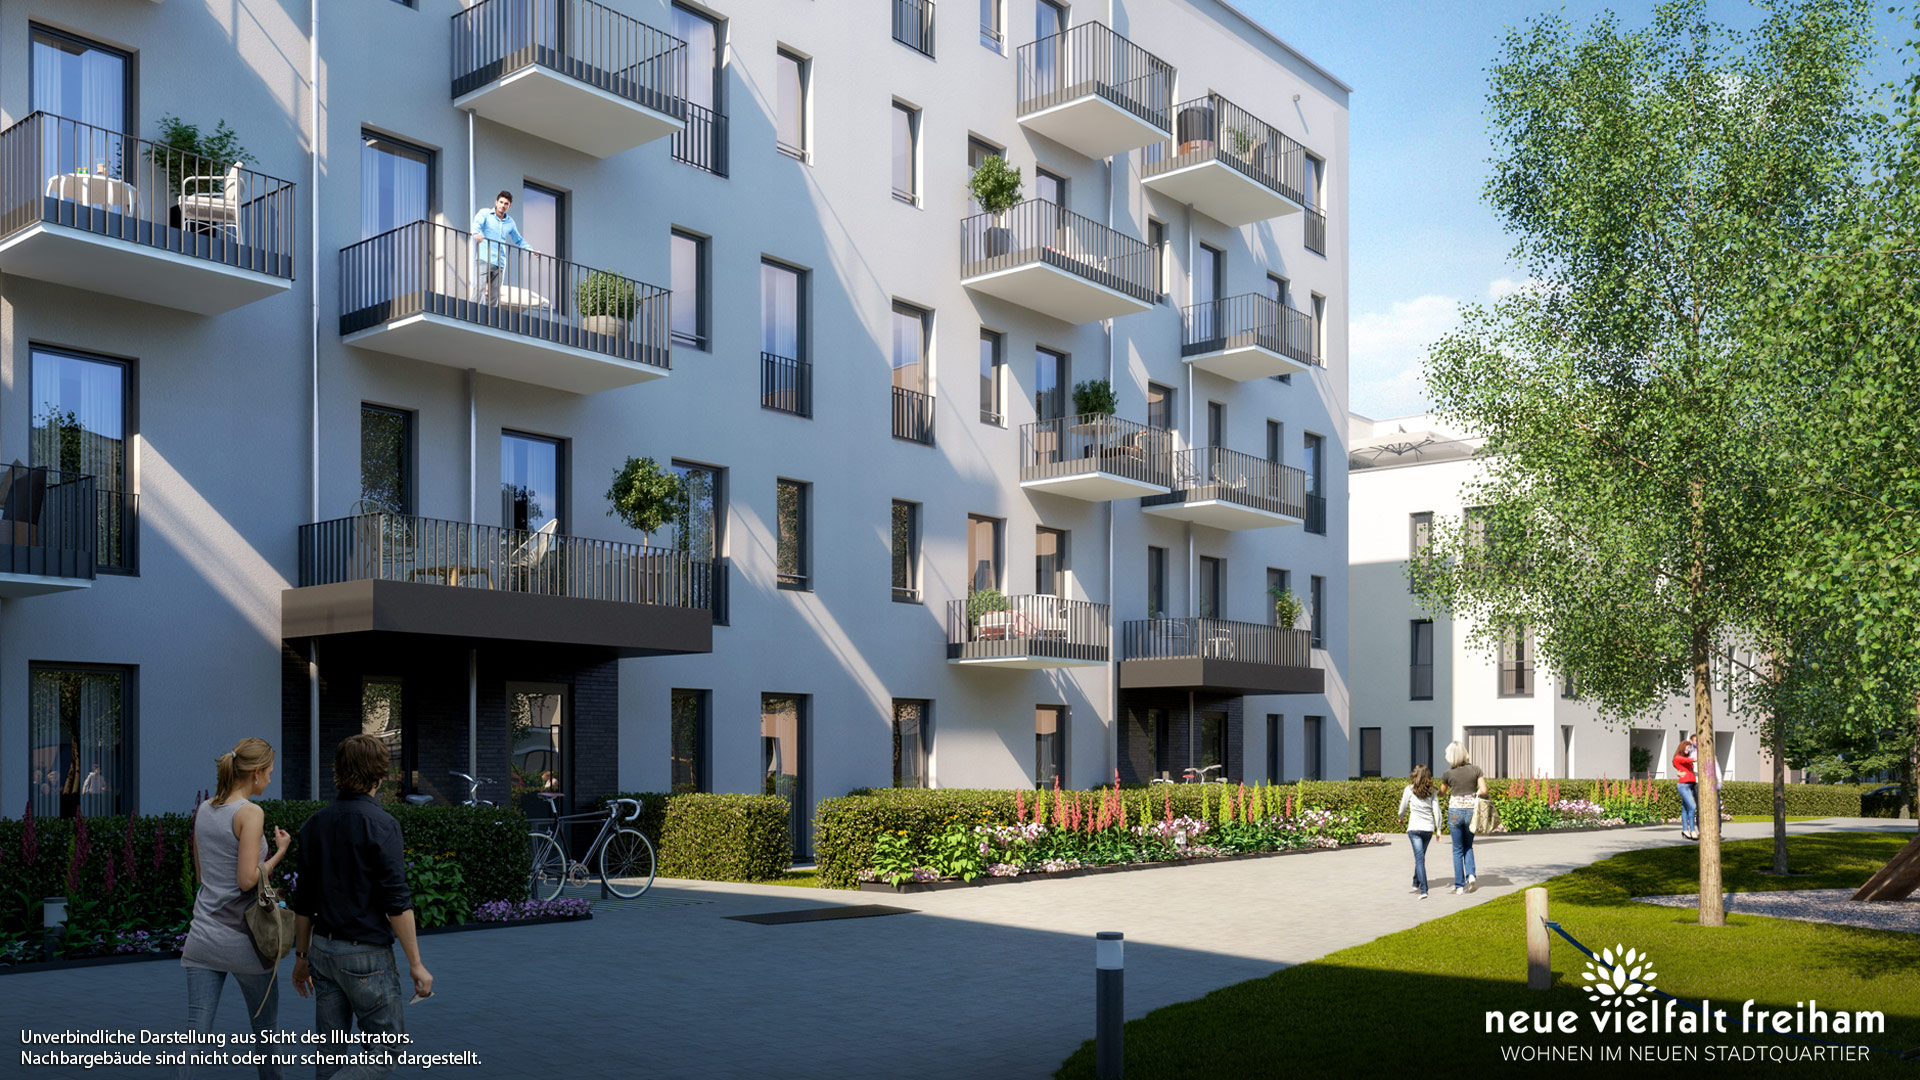 Immobilie Neue Vielfalt Freiham - Illustration 4